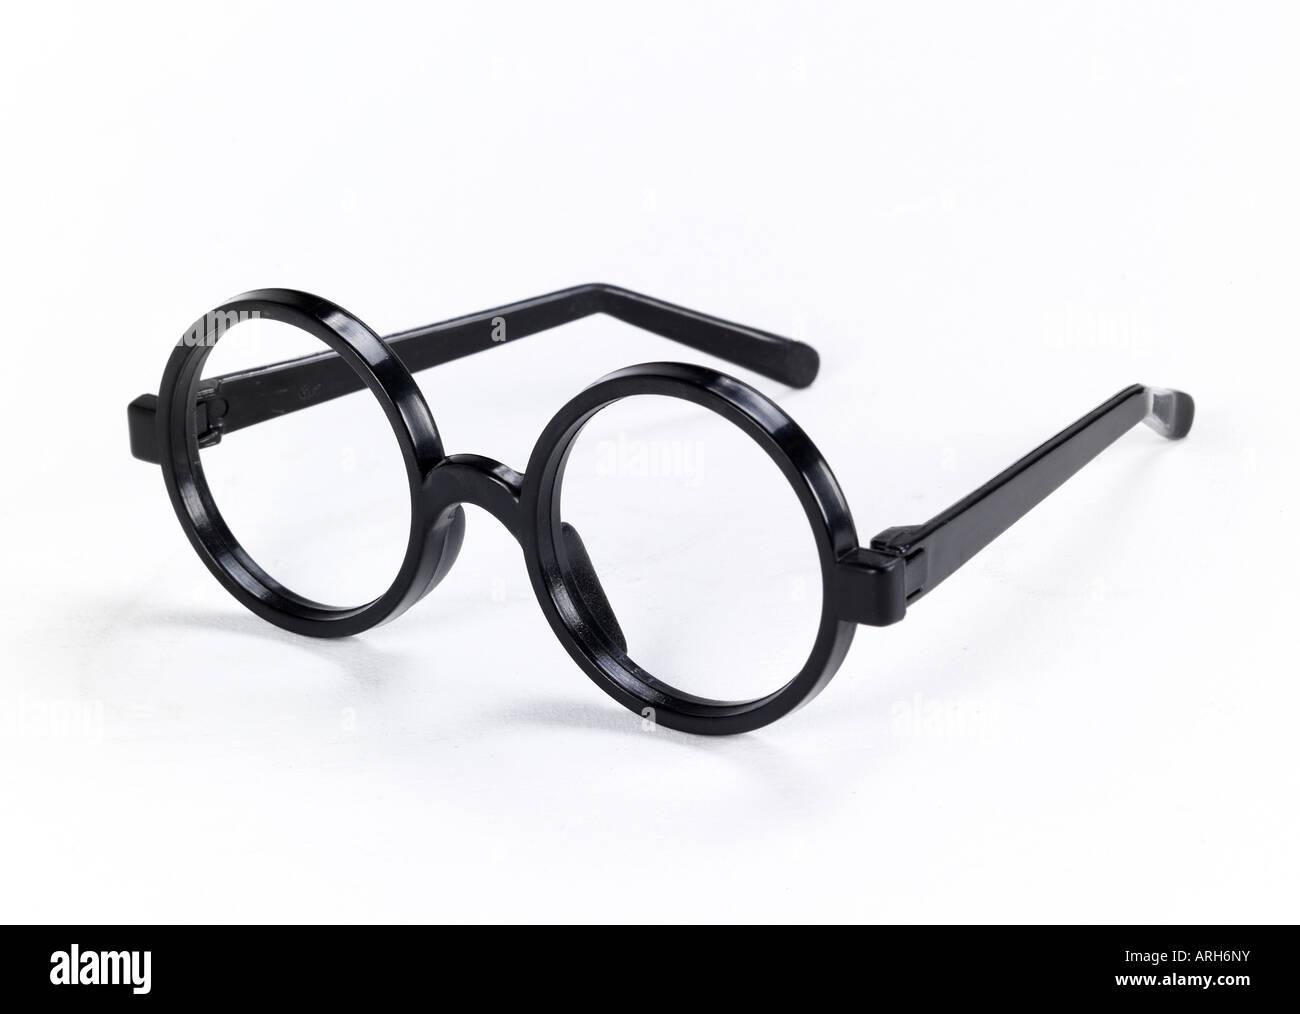 Harry Potter Glasses Imágenes De Stock & Harry Potter Glasses Fotos ...